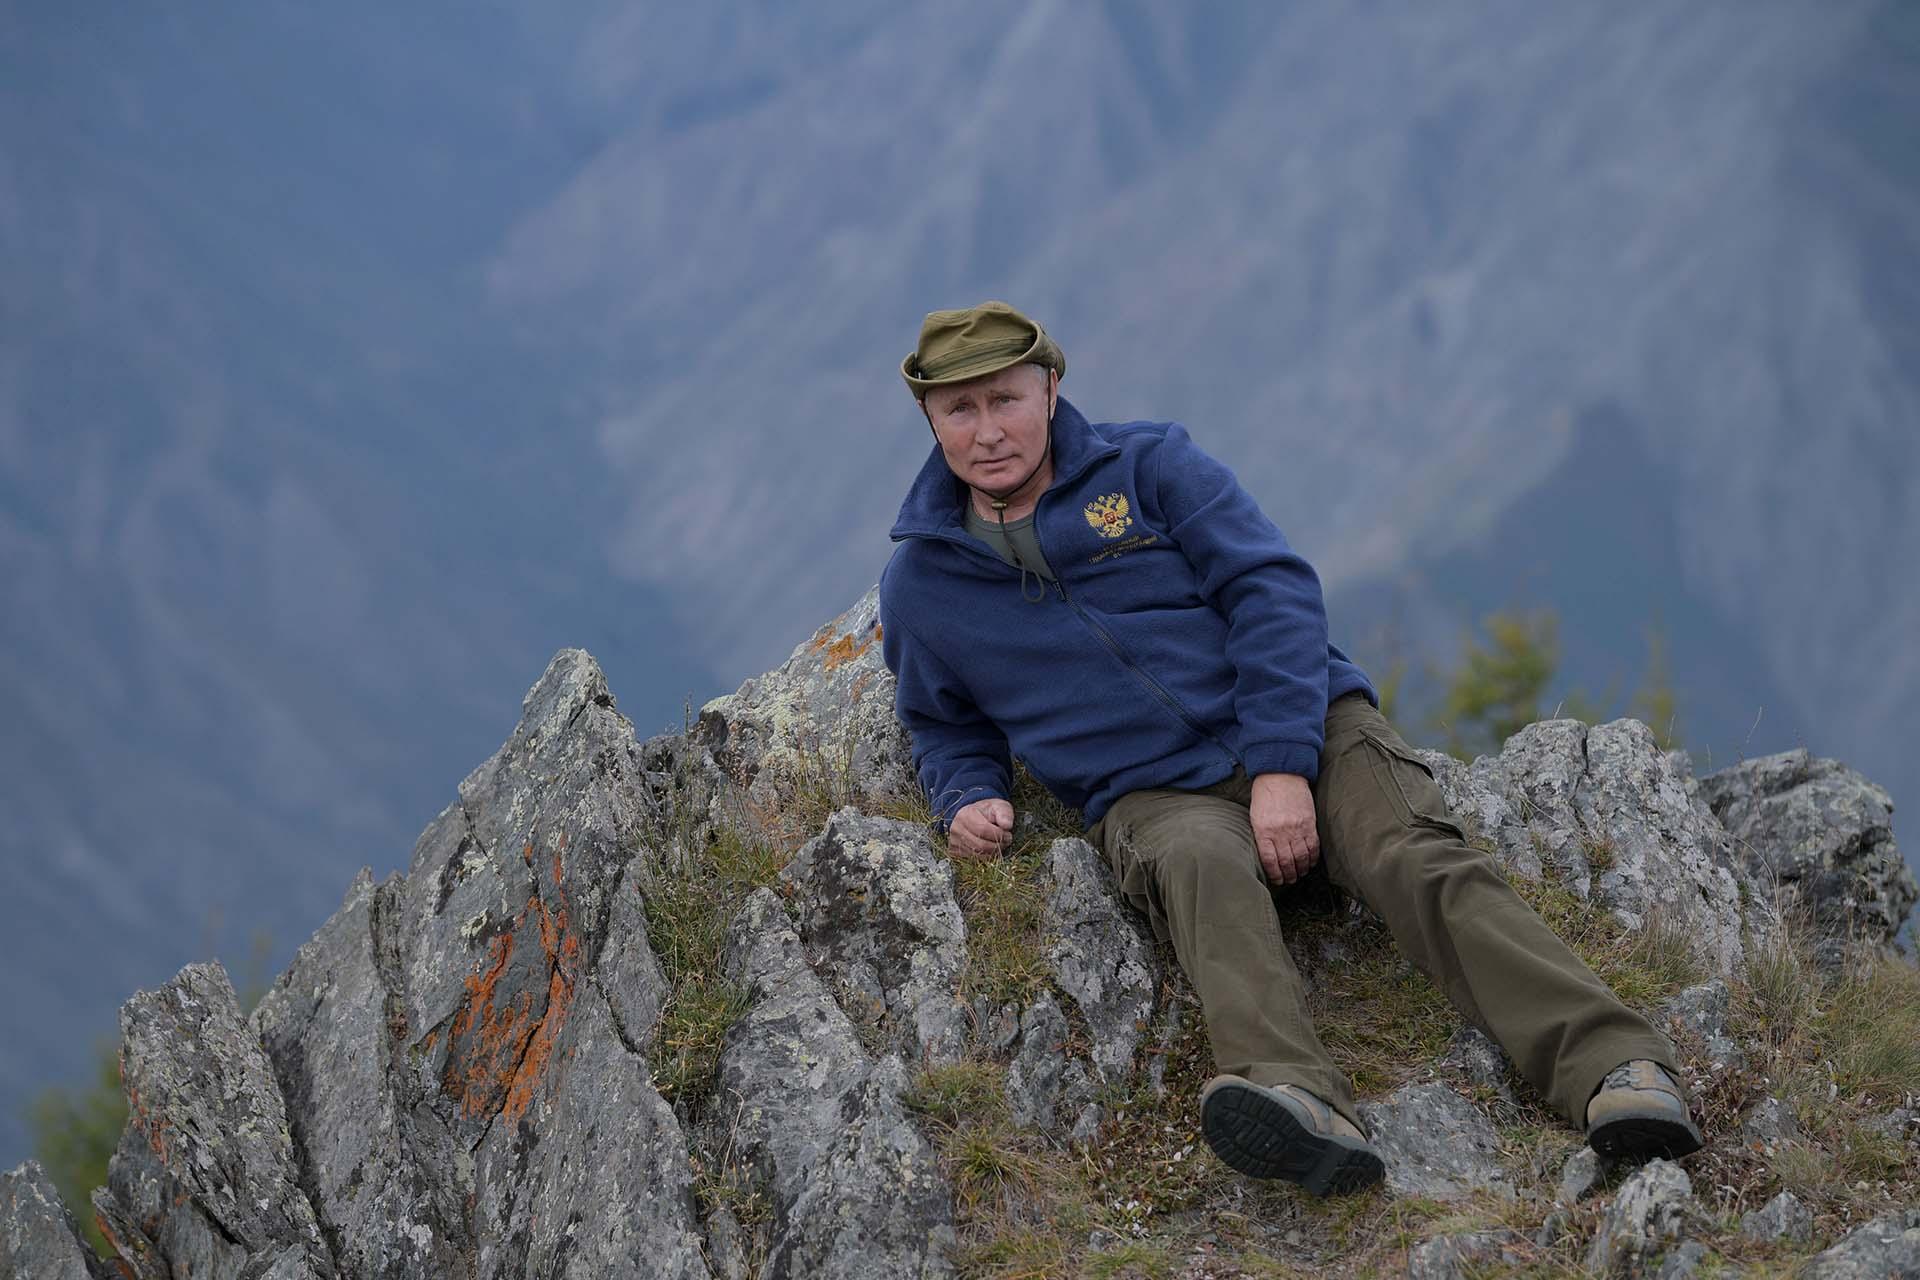 Mientras se jacta de su amor por la vida silvestre y evita la caza, a diferencia de muchos funcionarios rusos, Putin respalda la perforación de petróleo en el prístino Ártico y ha puesto en duda el calentamiento global